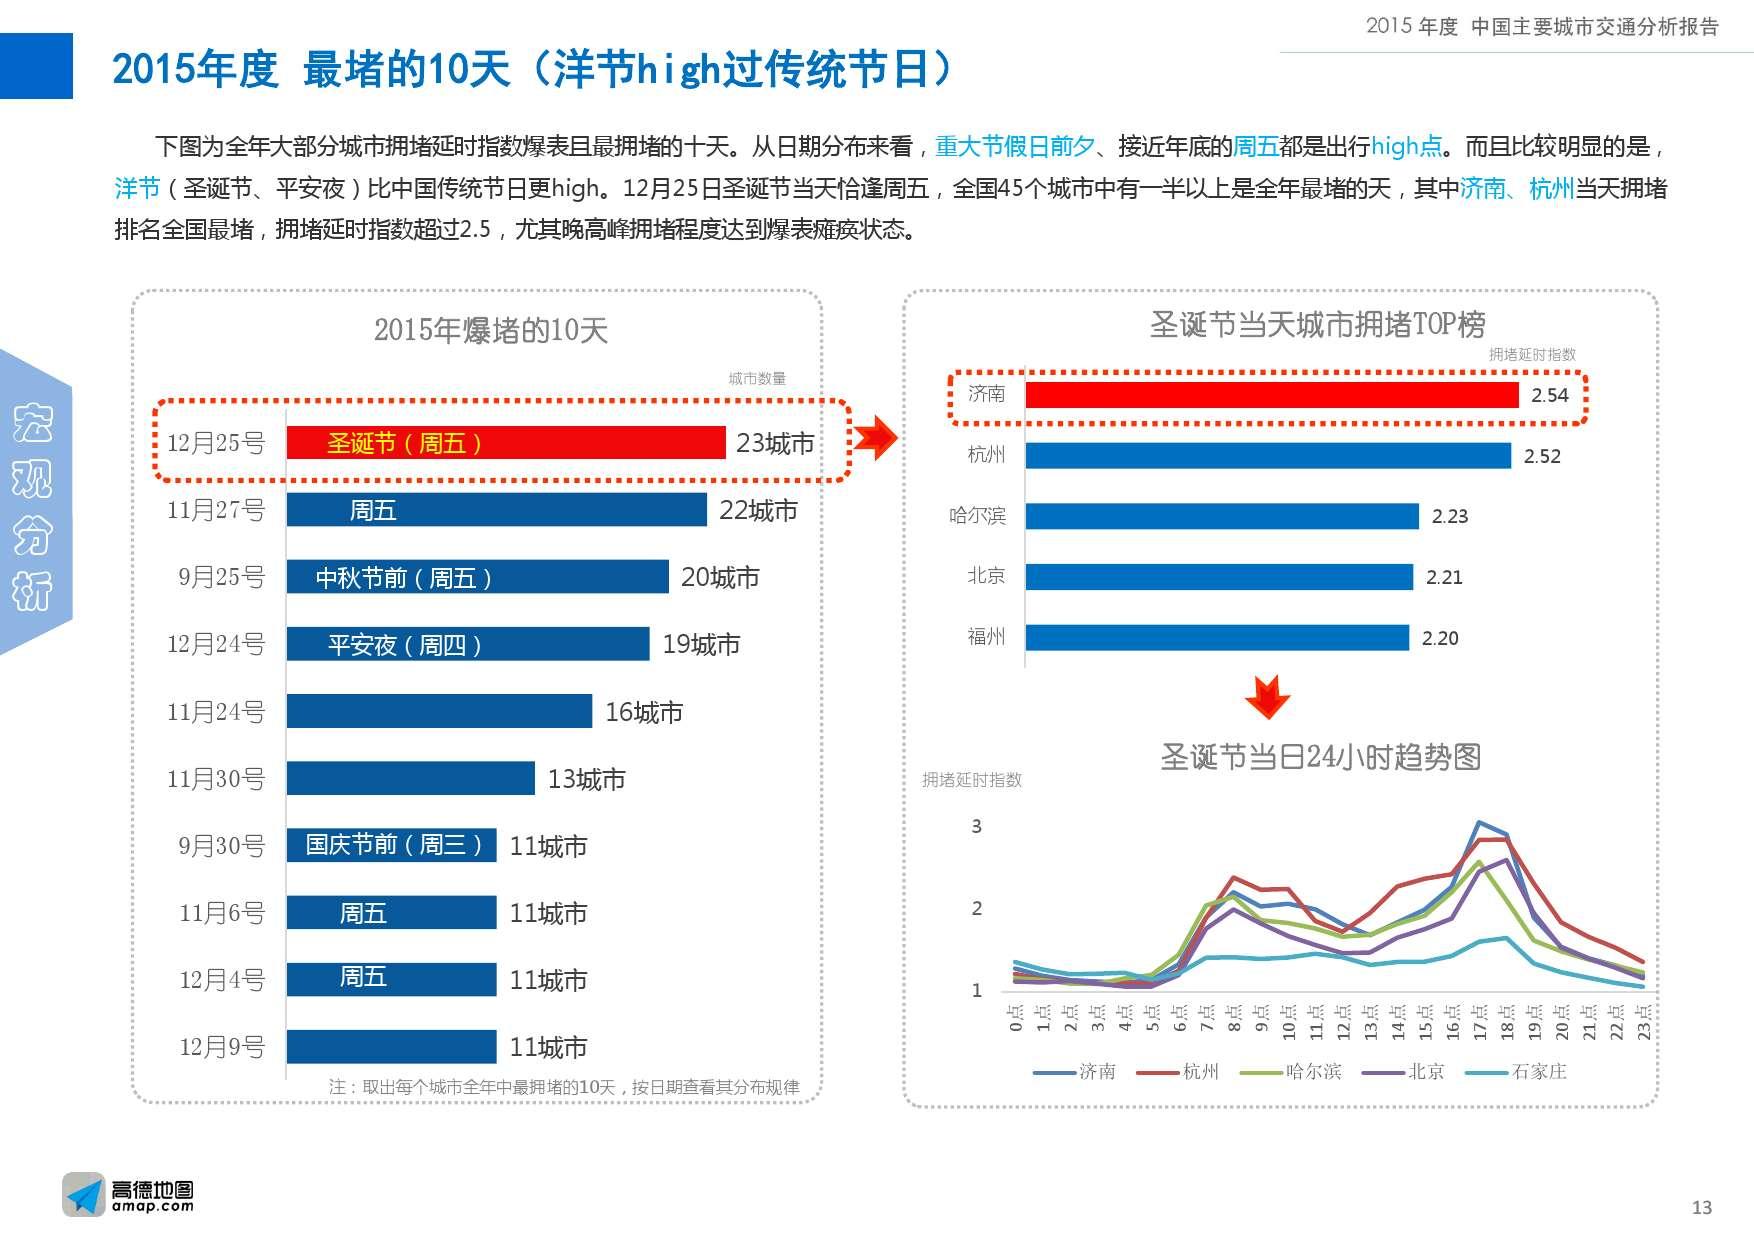 2015年度中国主要城市交通分析报告-final_000013